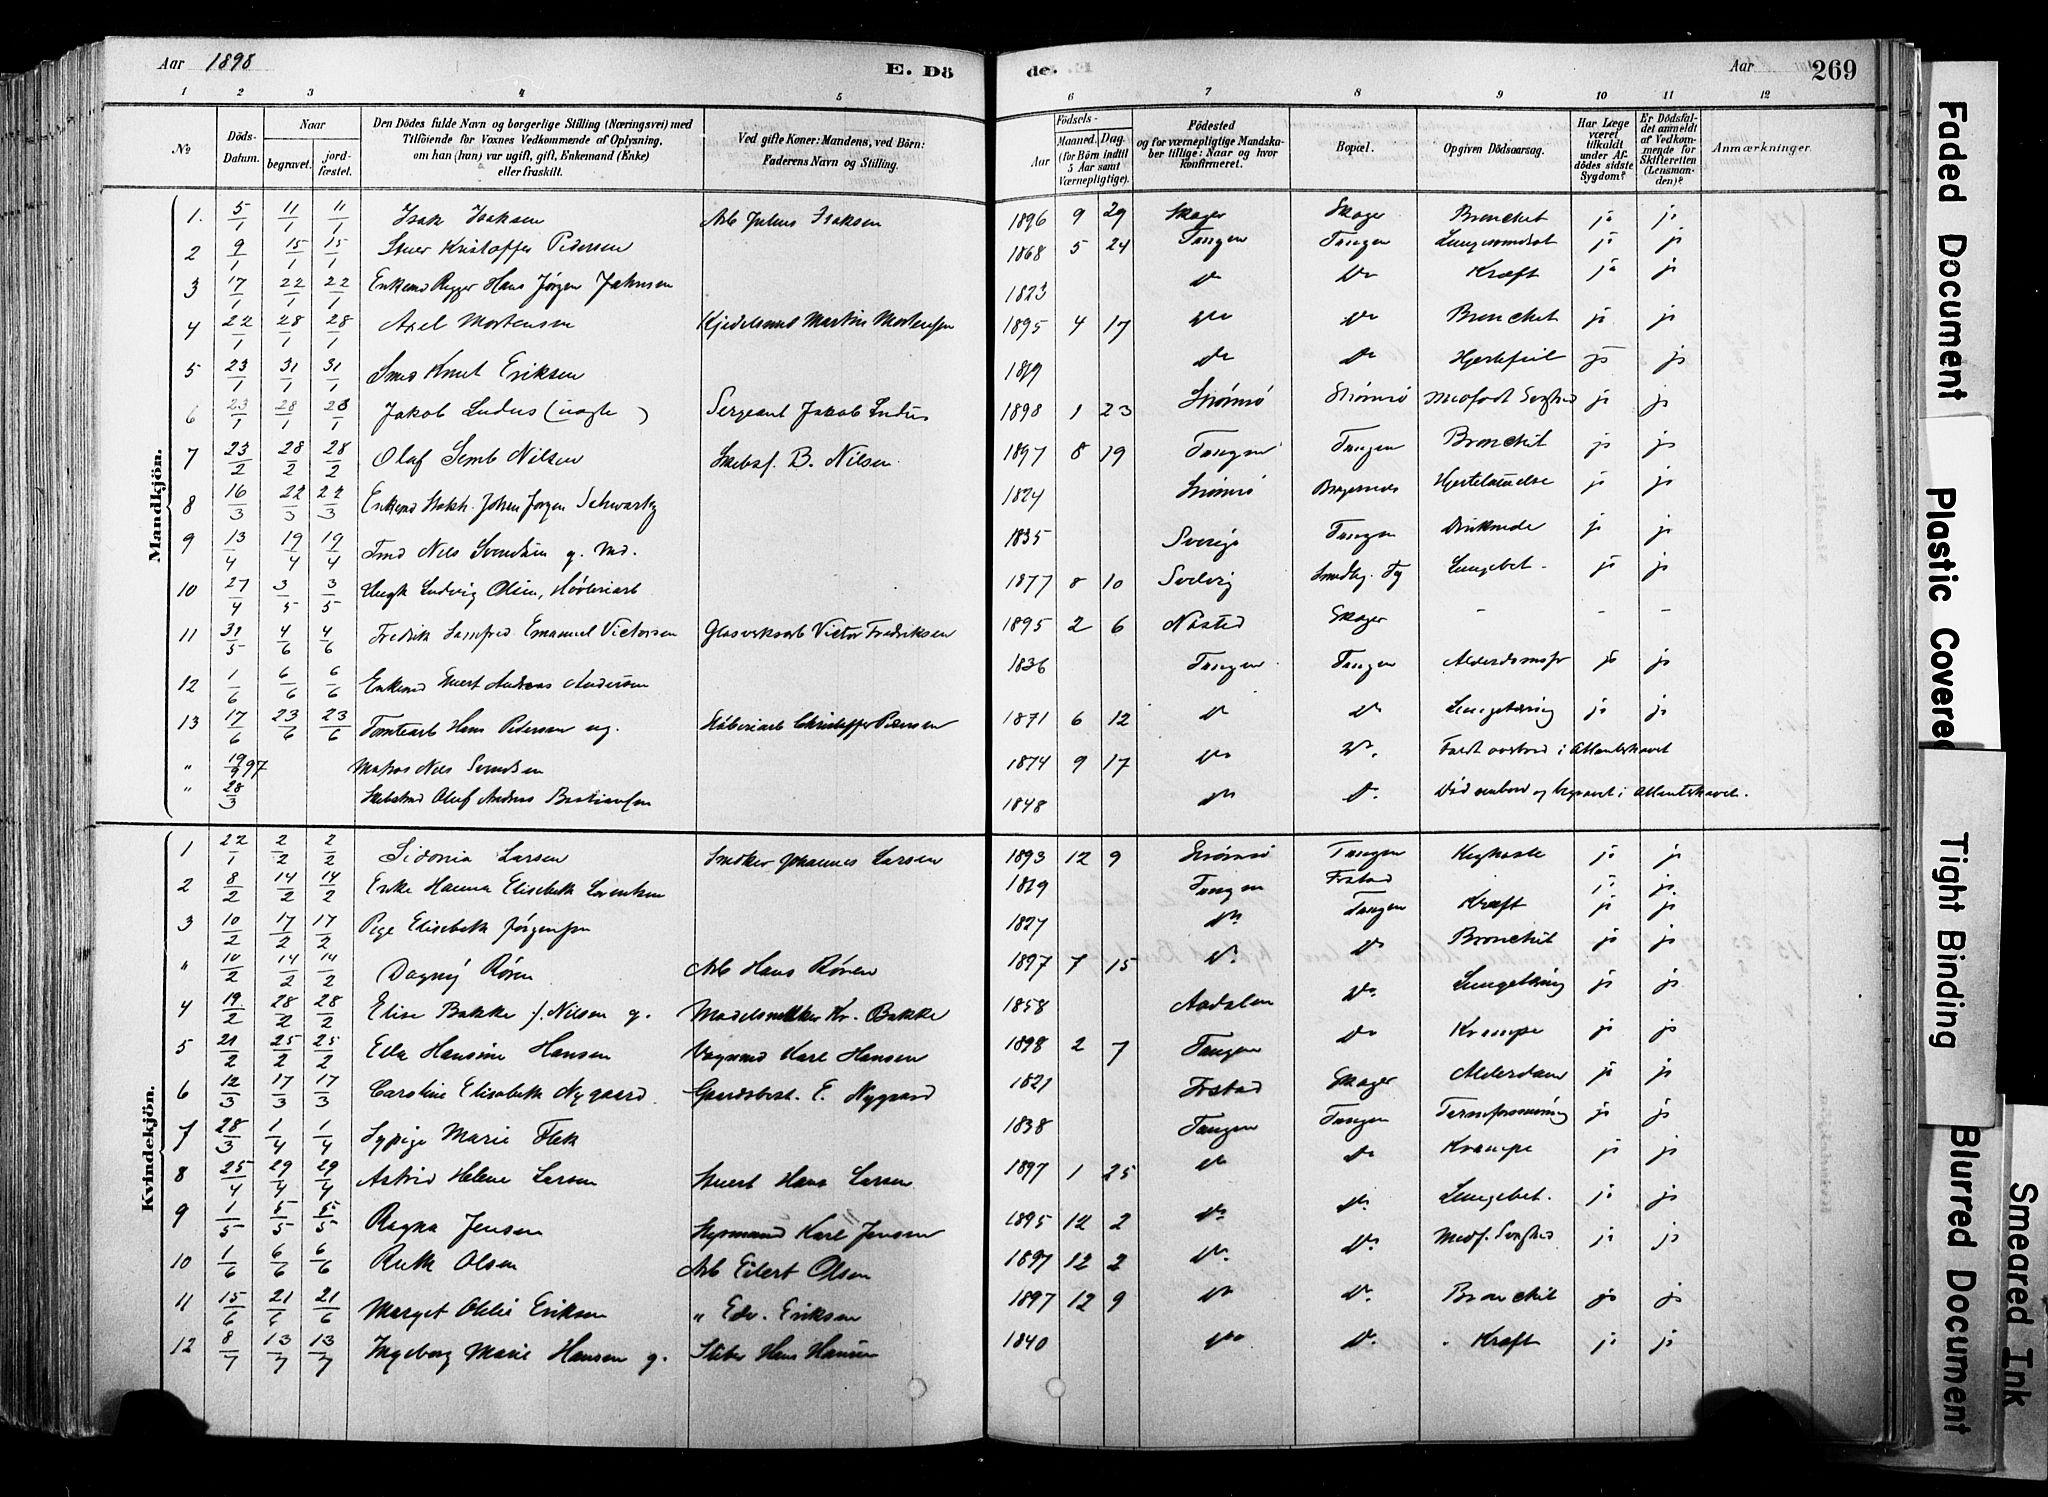 SAKO, Strømsø kirkebøker, F/Fb/L0006: Ministerialbok nr. II 6, 1879-1910, s. 269